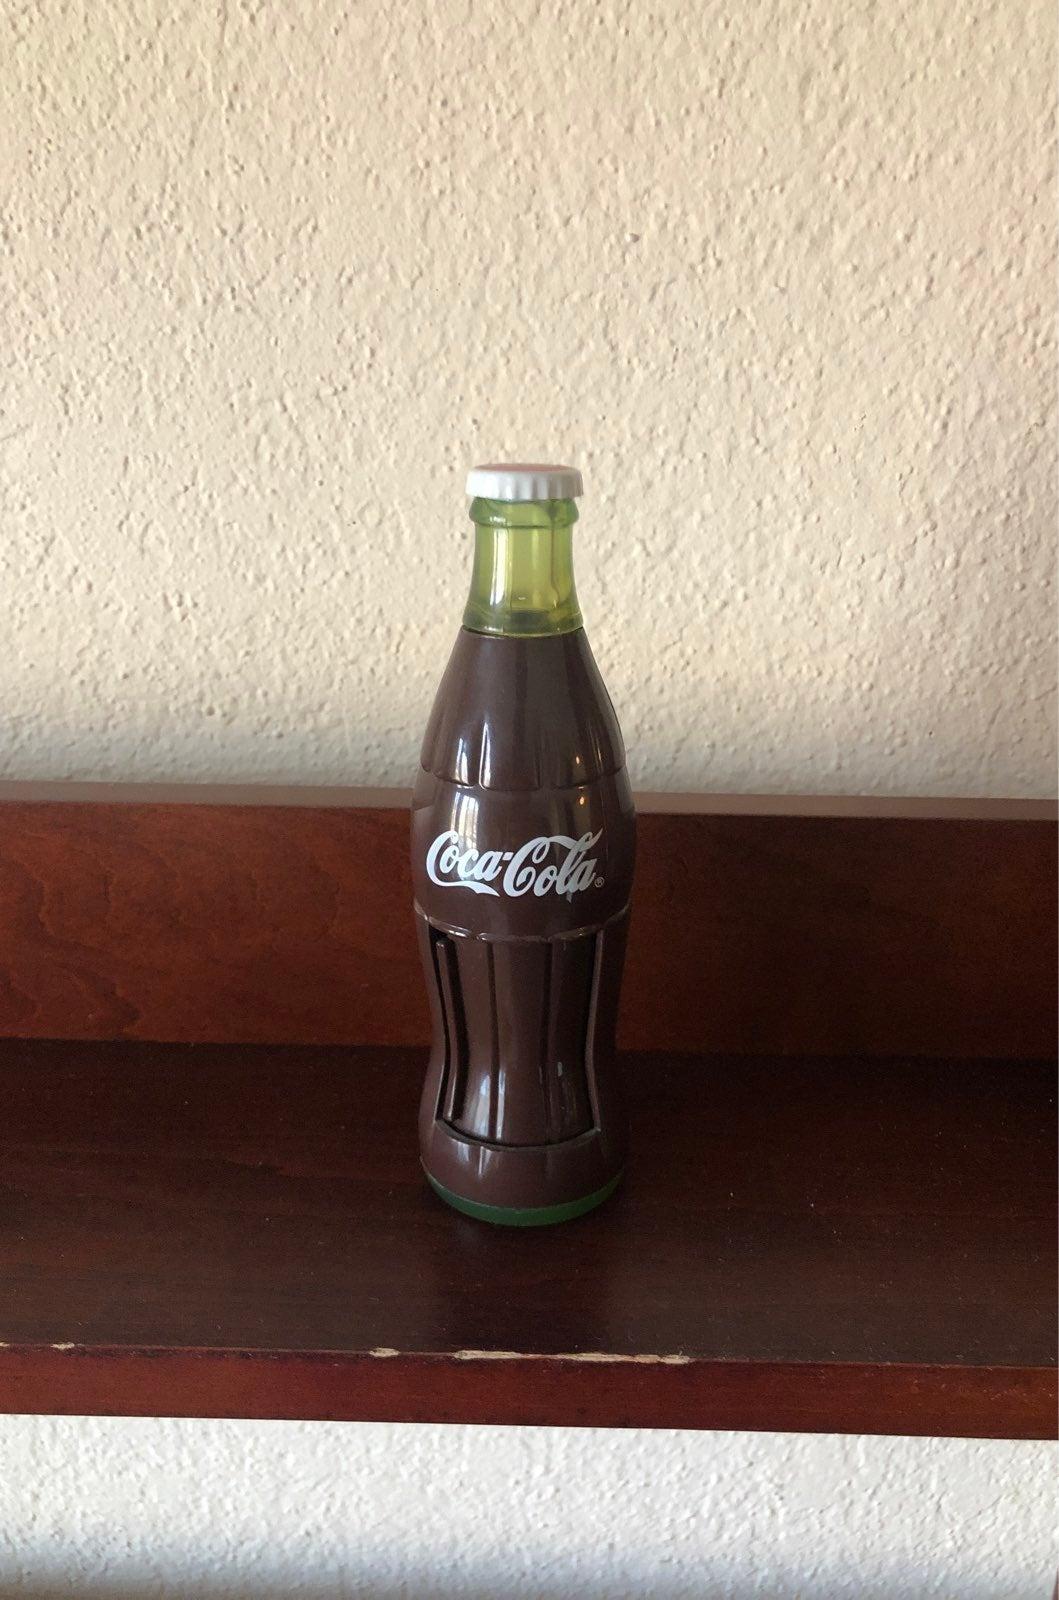 Coke windup toy